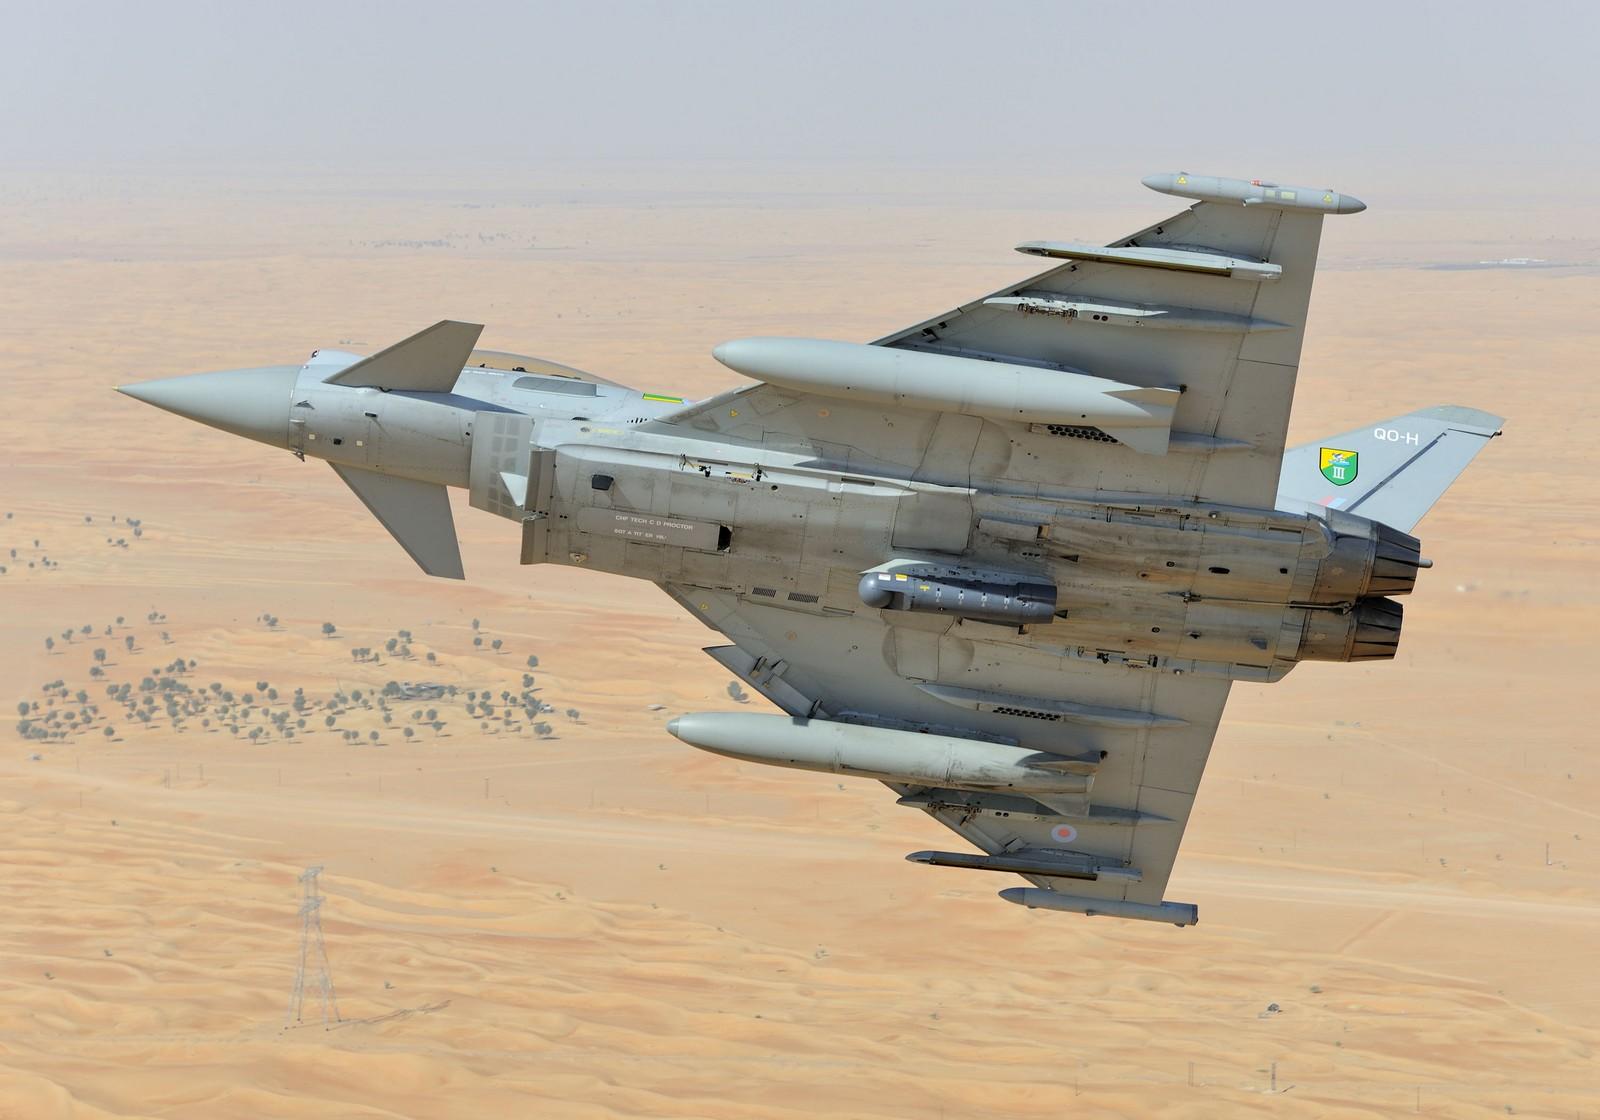 UAE에 타이푼 전투기를 판매하려고 애쓰는 영국 정부